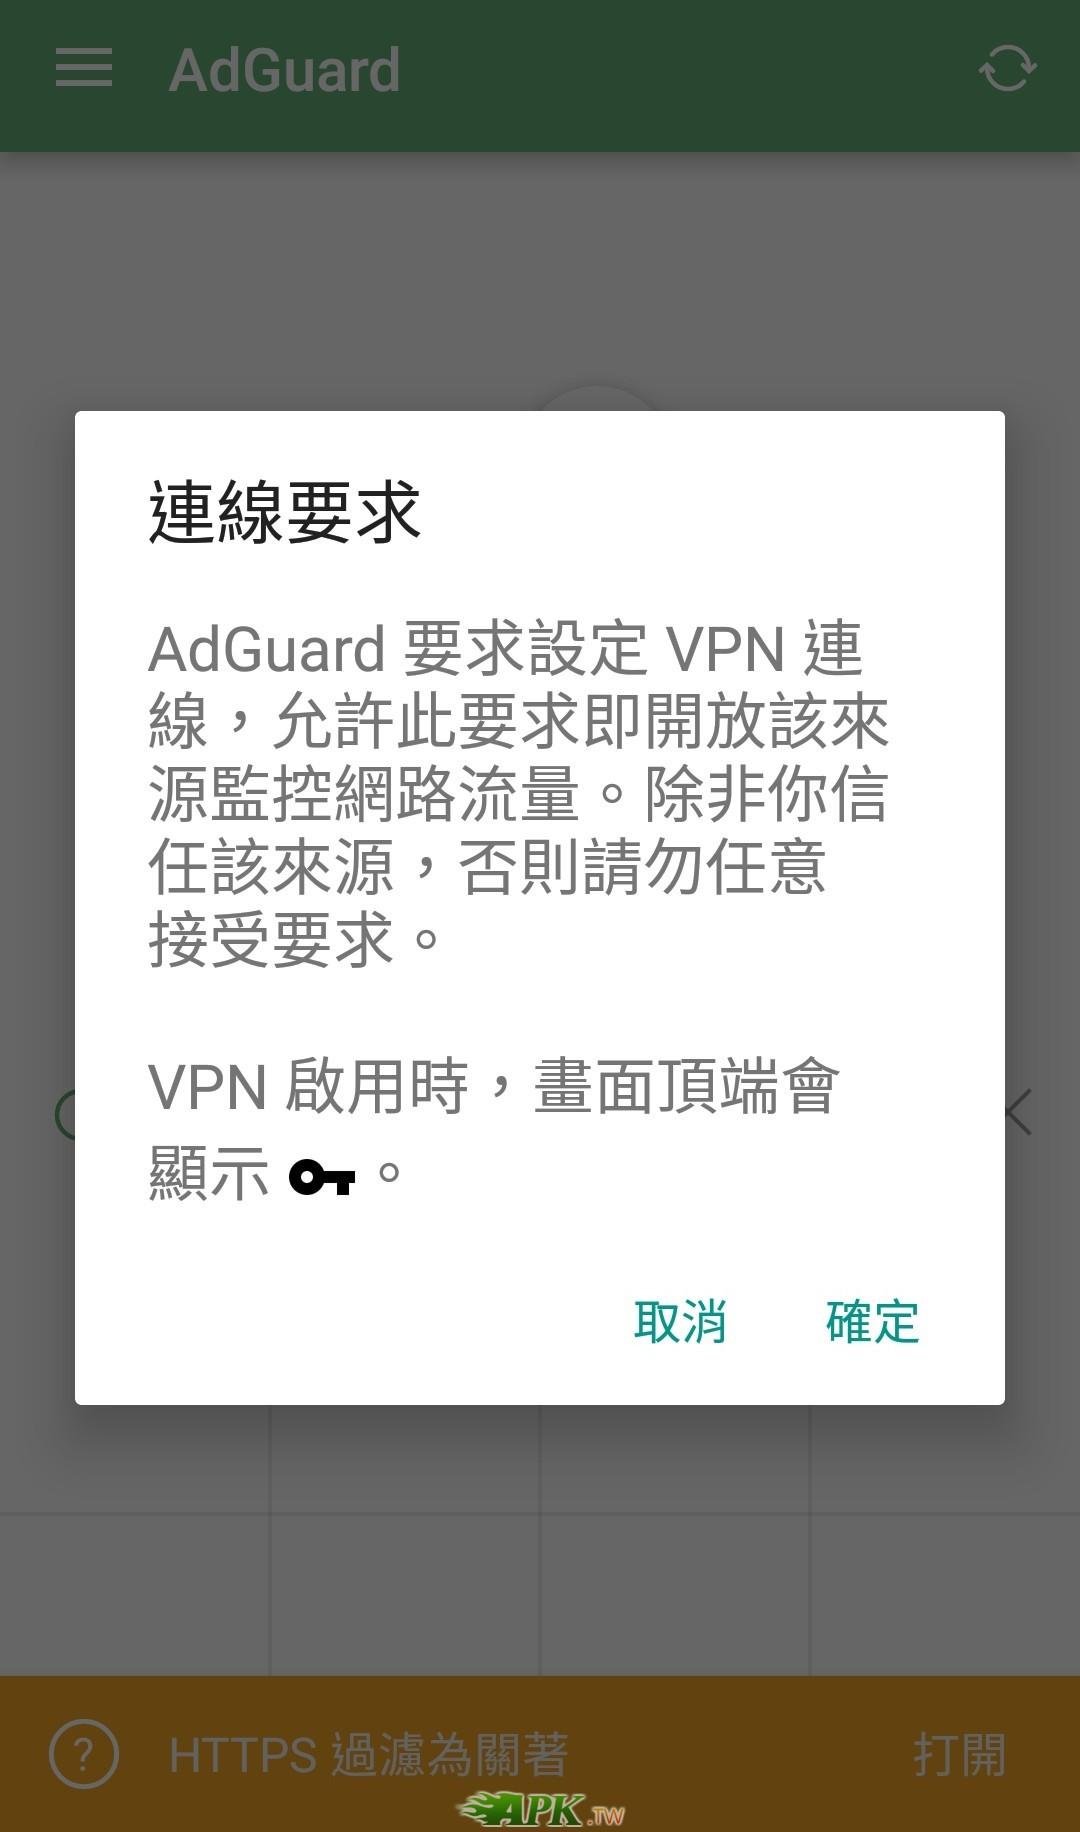 AdGuard_Premium__3.jpg